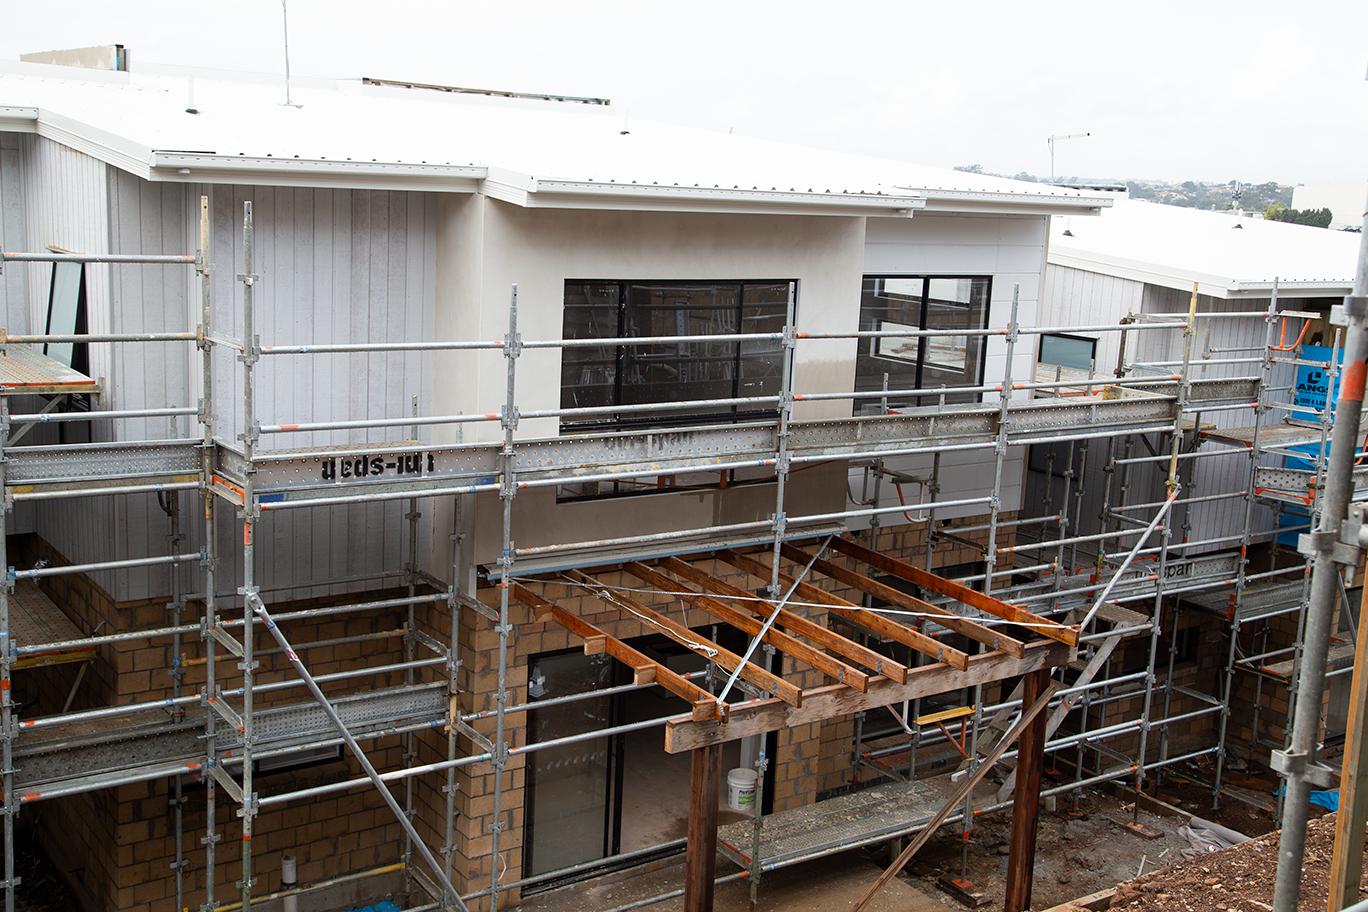 stage 1 townhouse development in Mount Gravatt Brisbane.